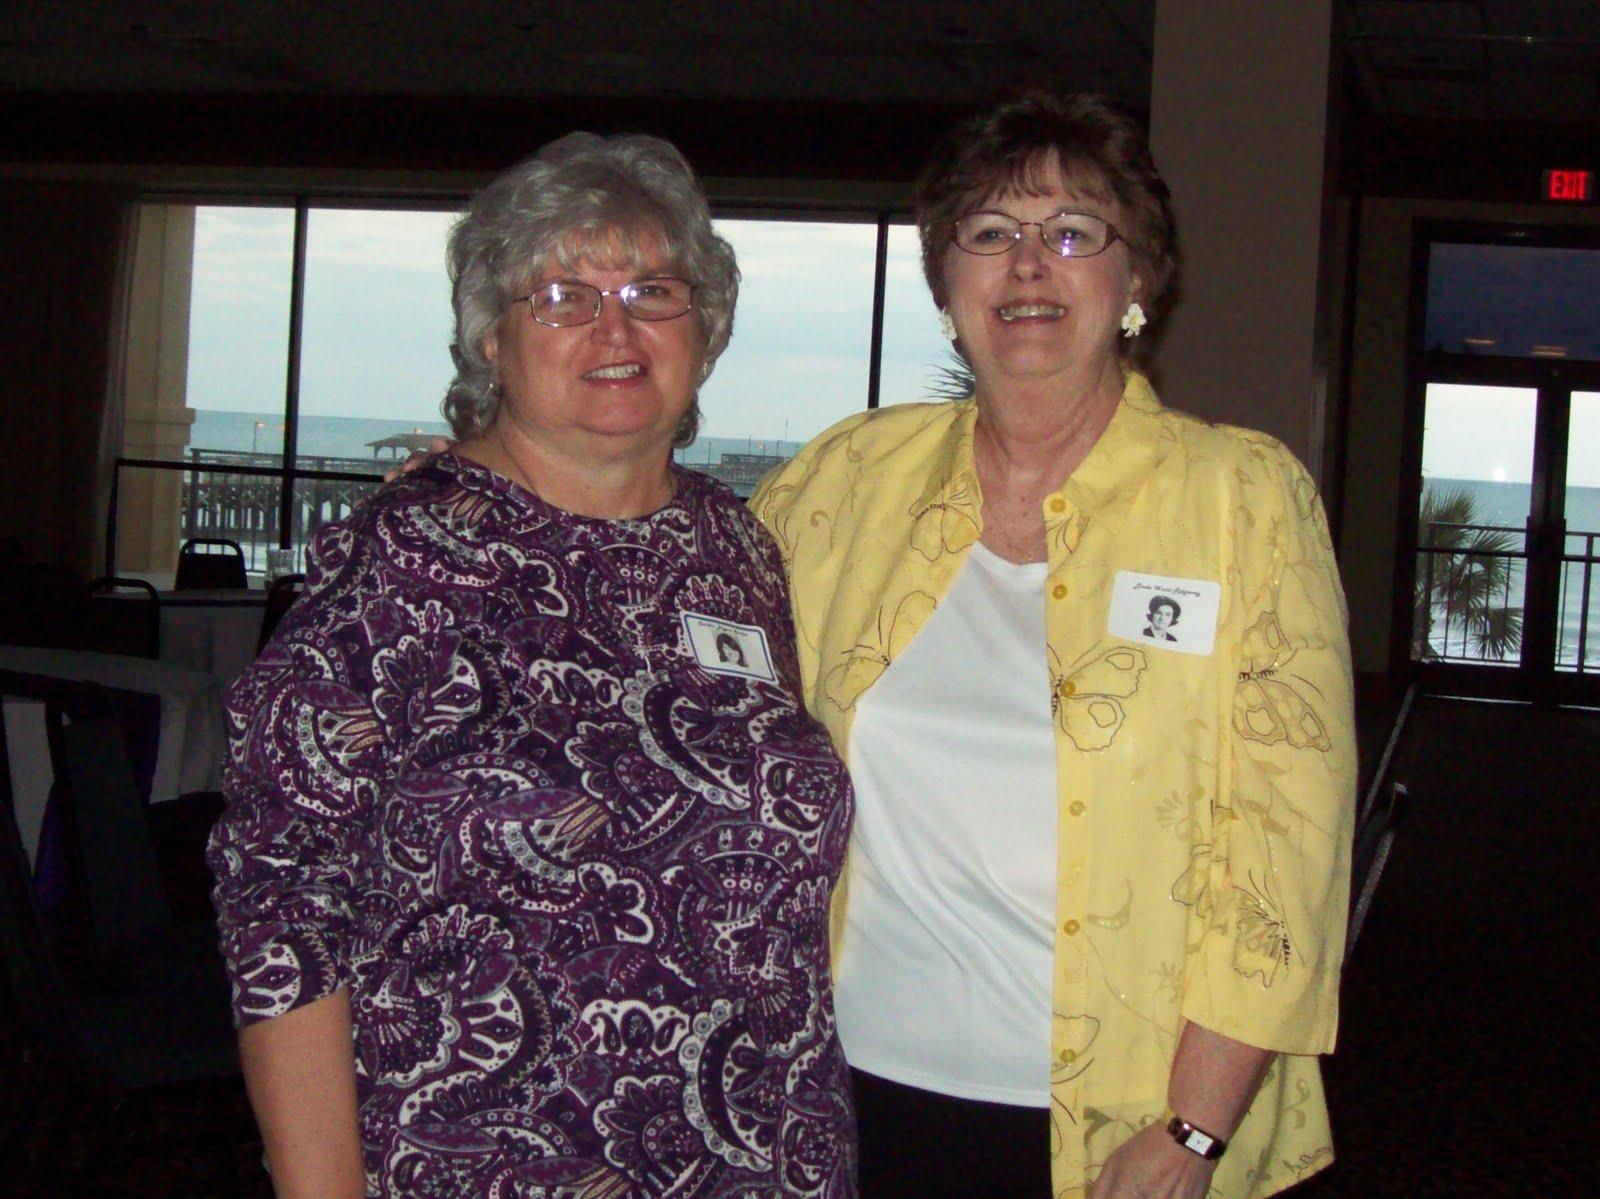 http://4.bp.blogspot.com/_kO5arUCh3aA/S_1YSsj-rcI/AAAAAAAAAKw/IaaEe1YMzuo/s1600/Sandra+Surles+and+Linda+Ward.JPG